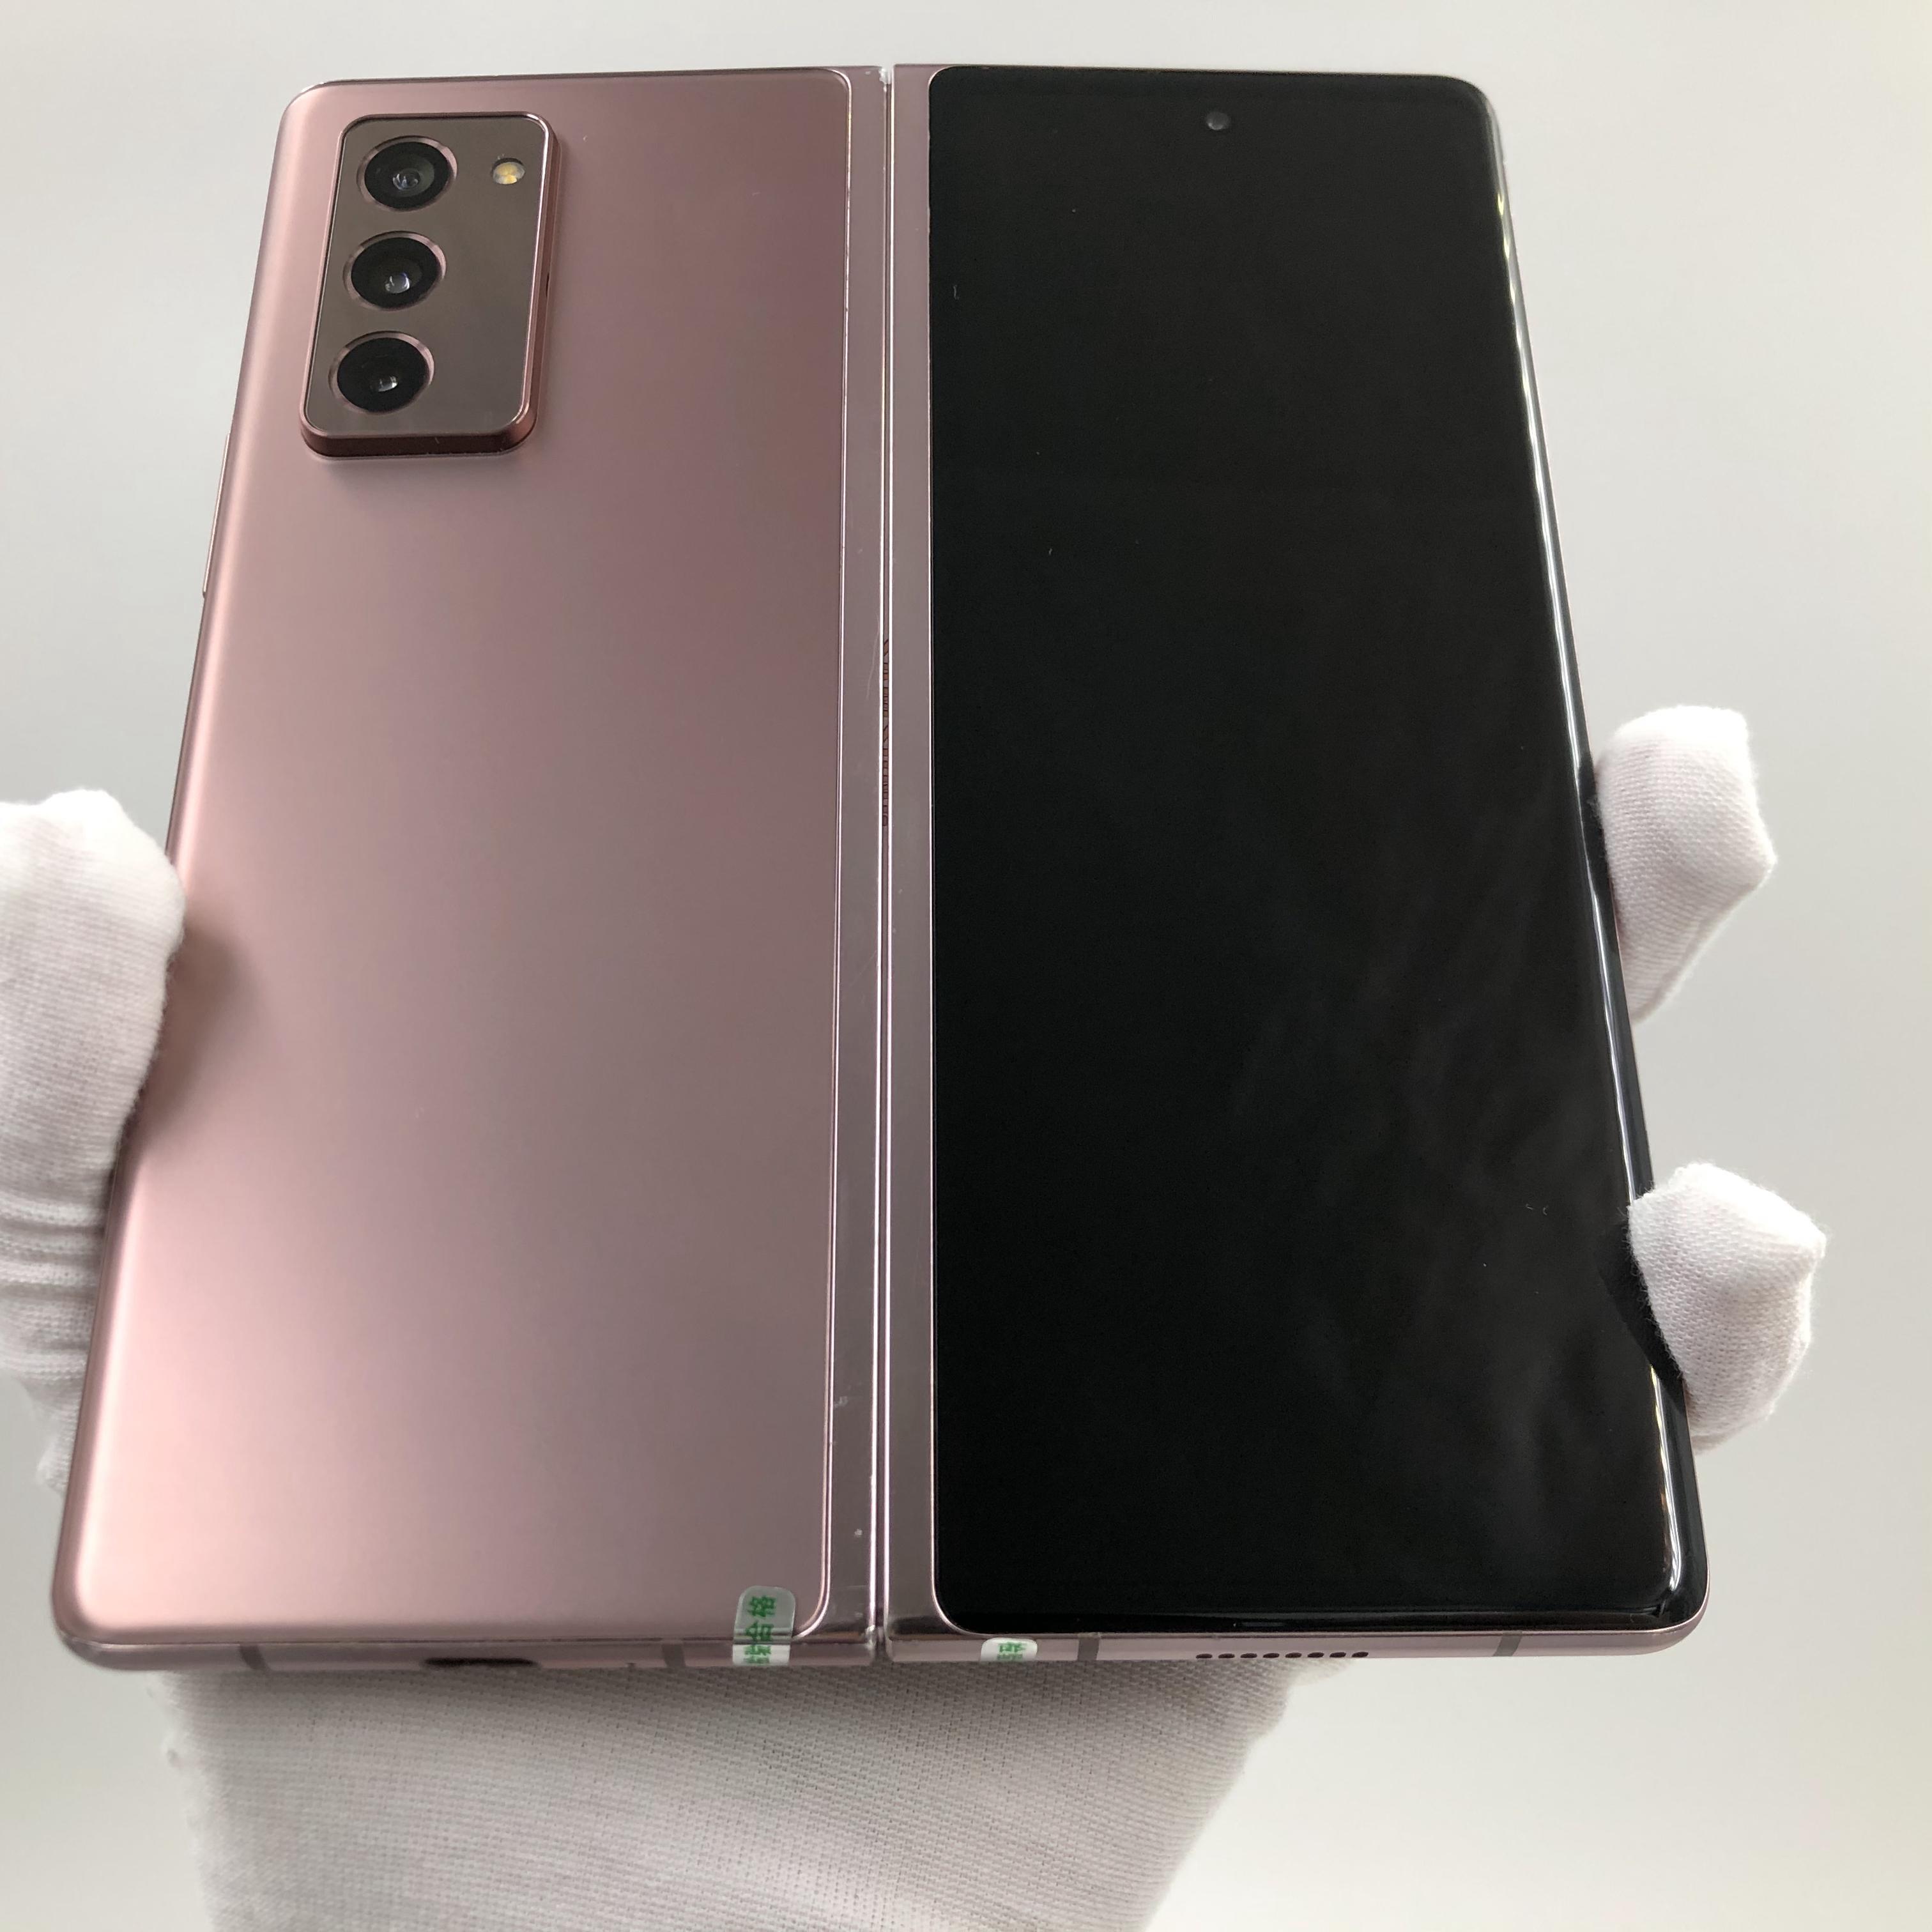 三星【Galaxy Z Fold2 5G】5G全网通 迷雾金 12G/512G 国行 9成新 真机实拍